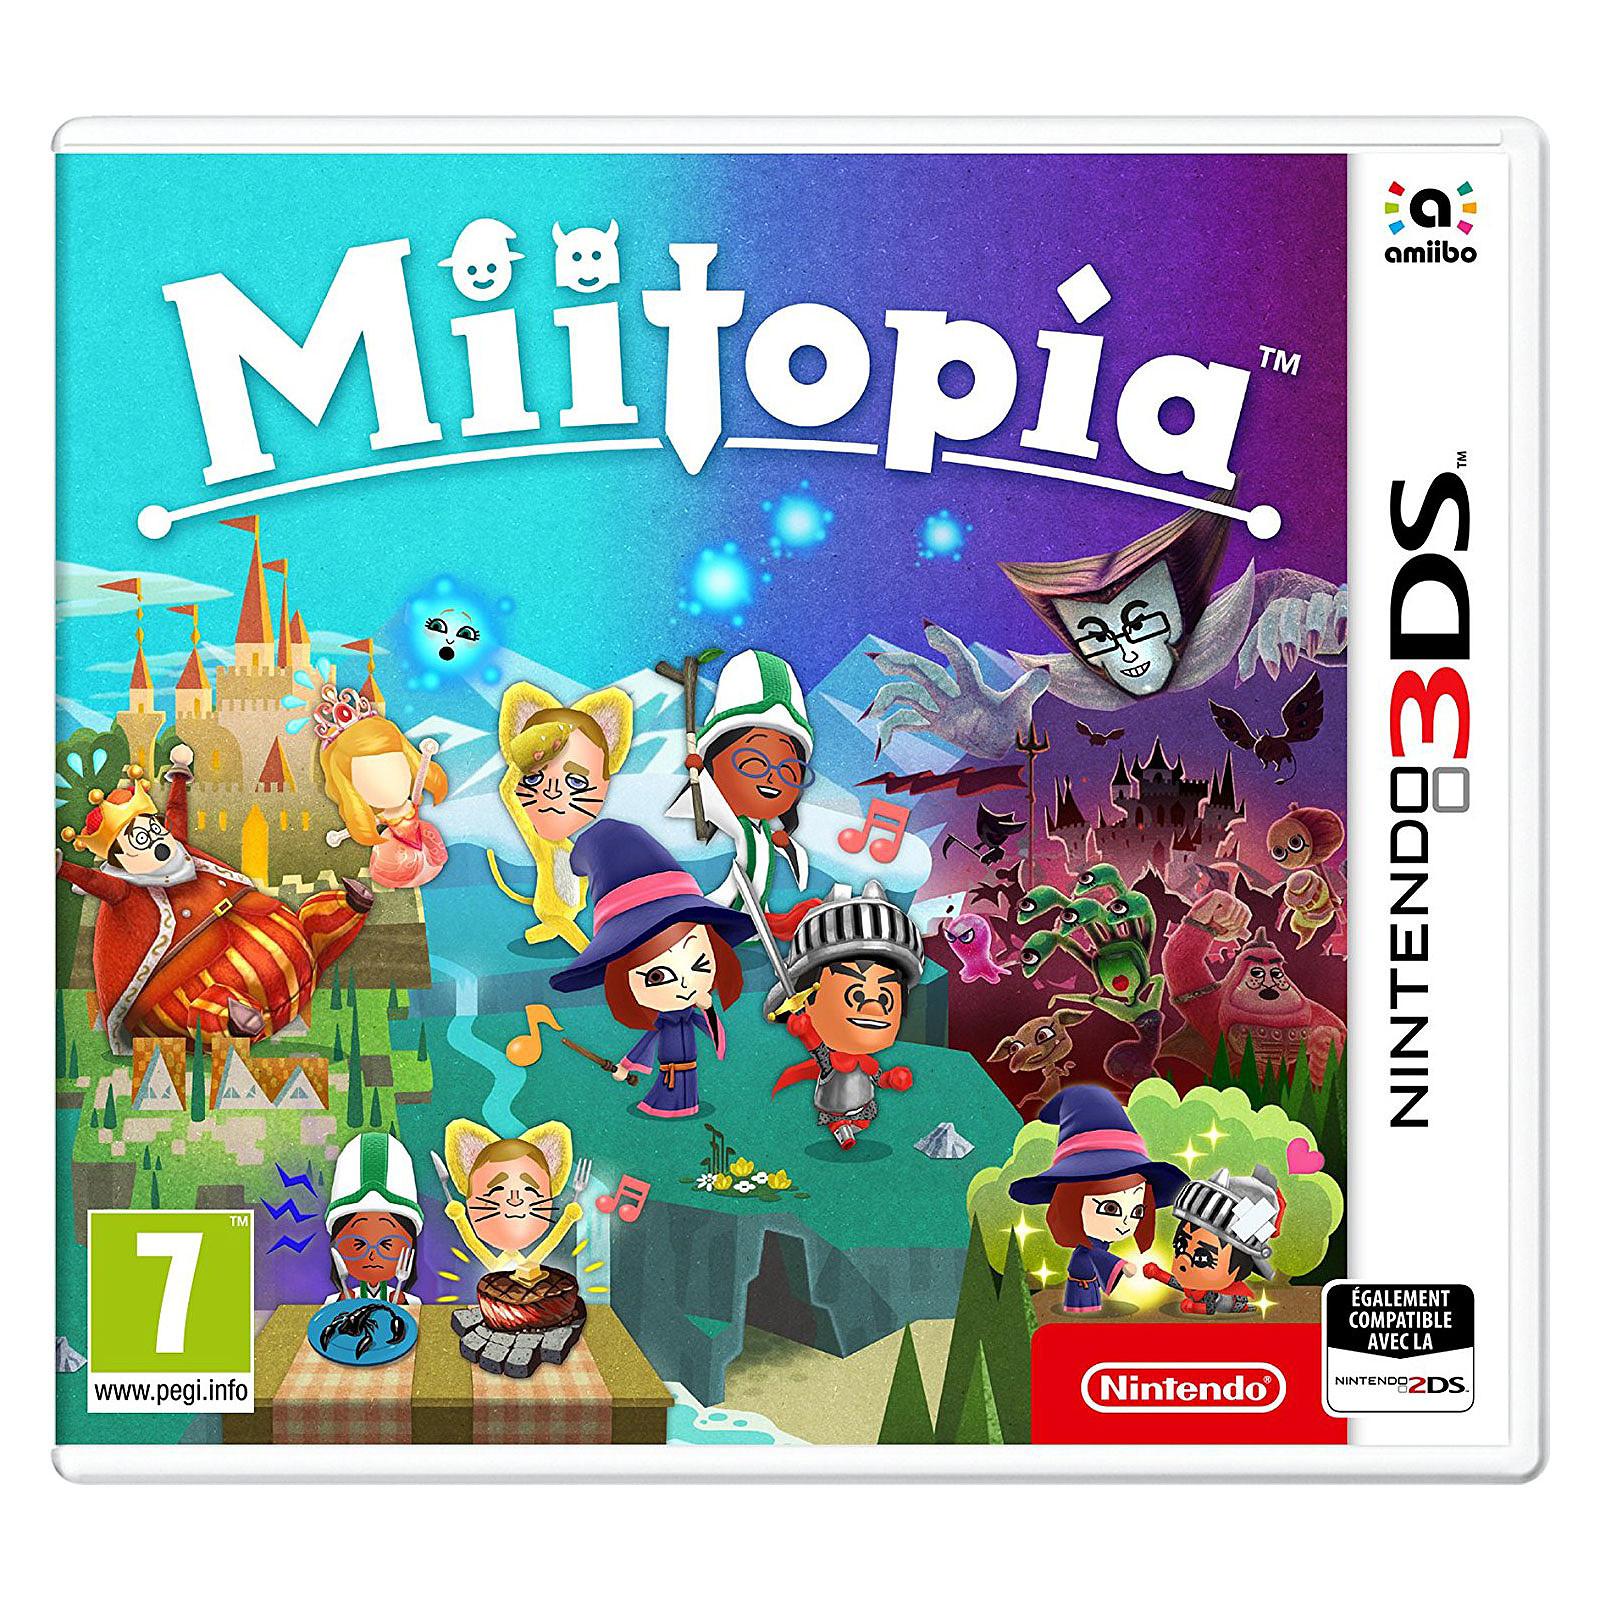 Miitopia Nintendo 3ds 2ds Juegos Nintendo 3ds Nintendo En Ldlc Com